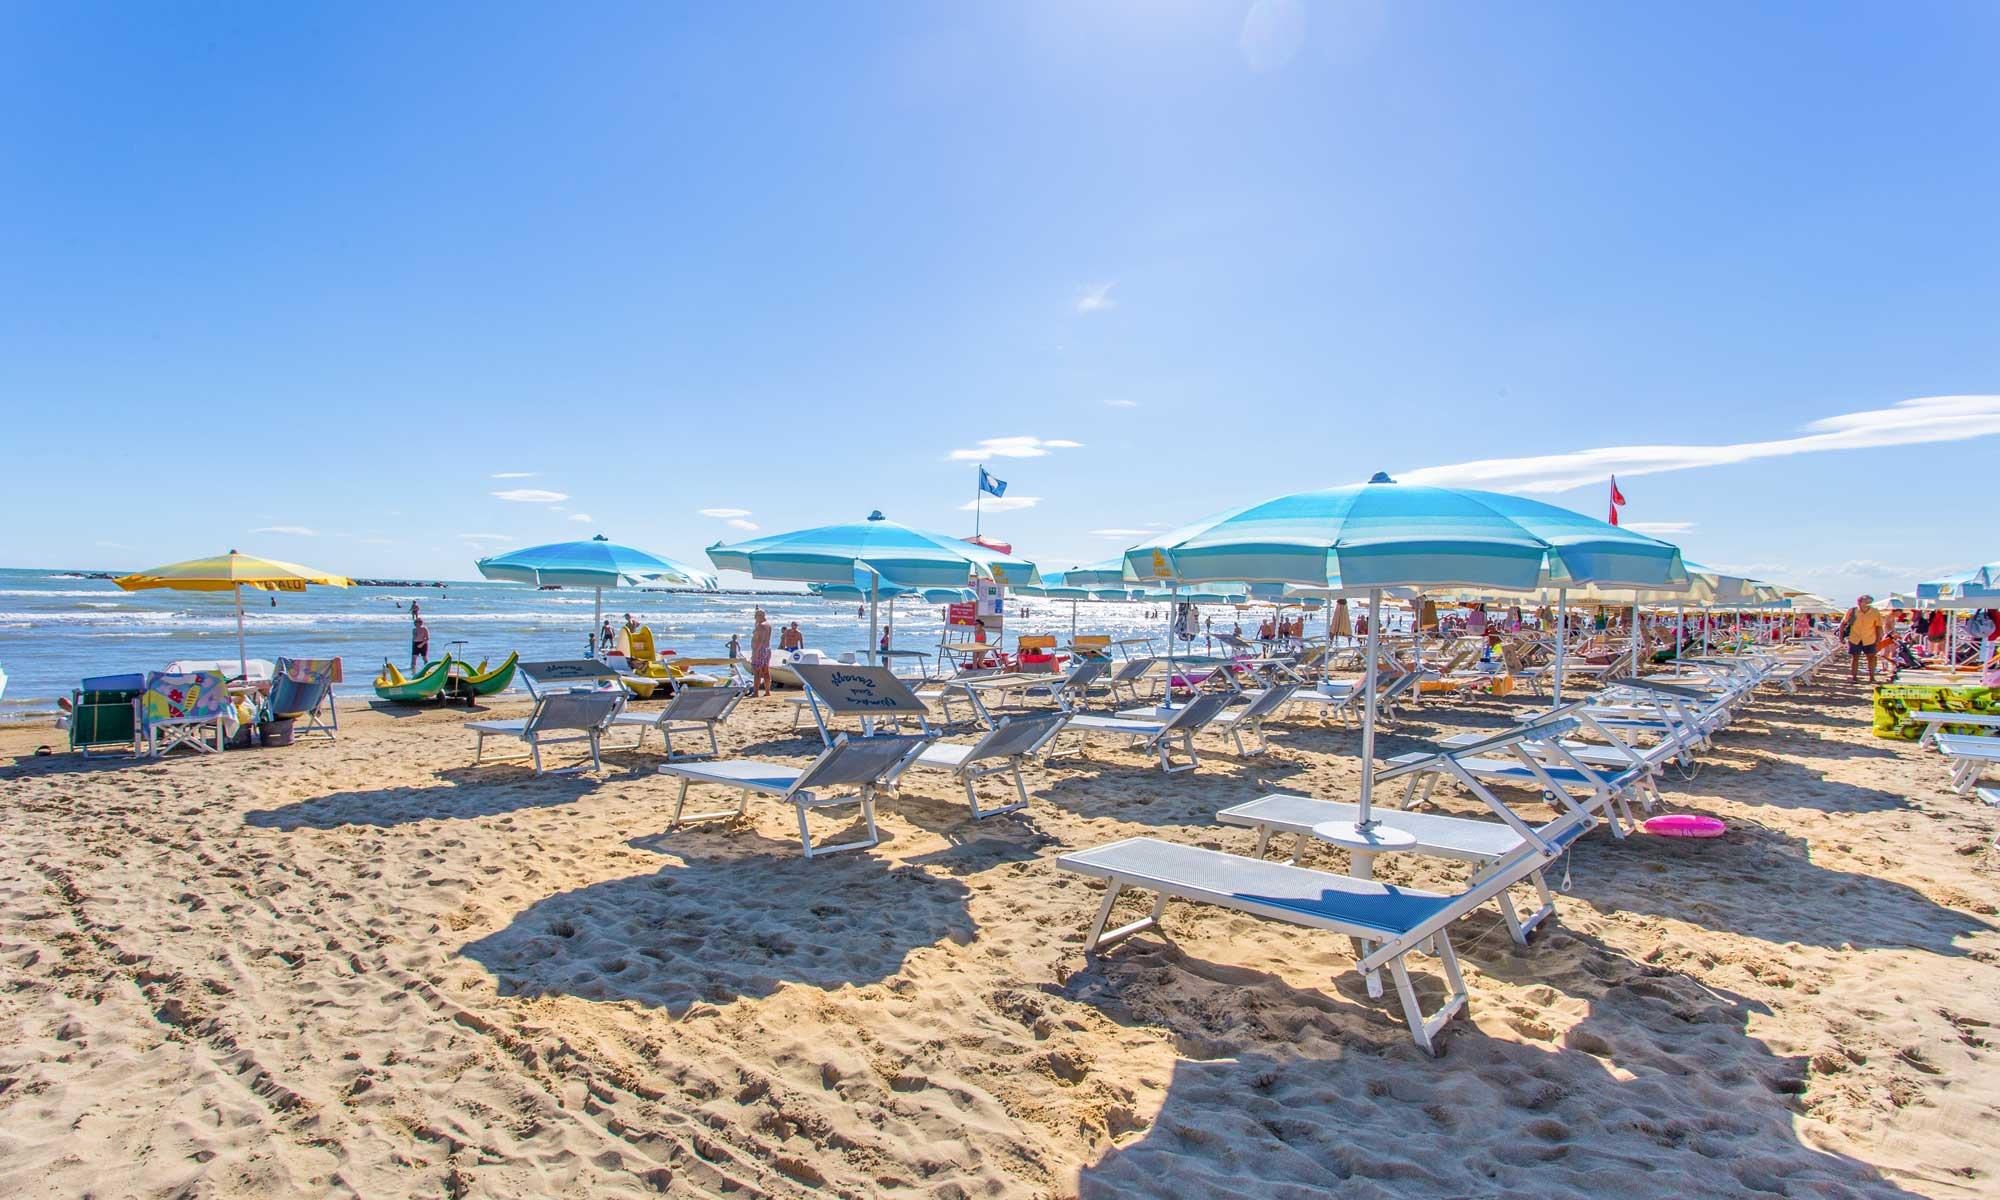 Foto Divertenti Bambini Al Mare spiaggia di cesenatico: dove andare al mare - riviera romagnola